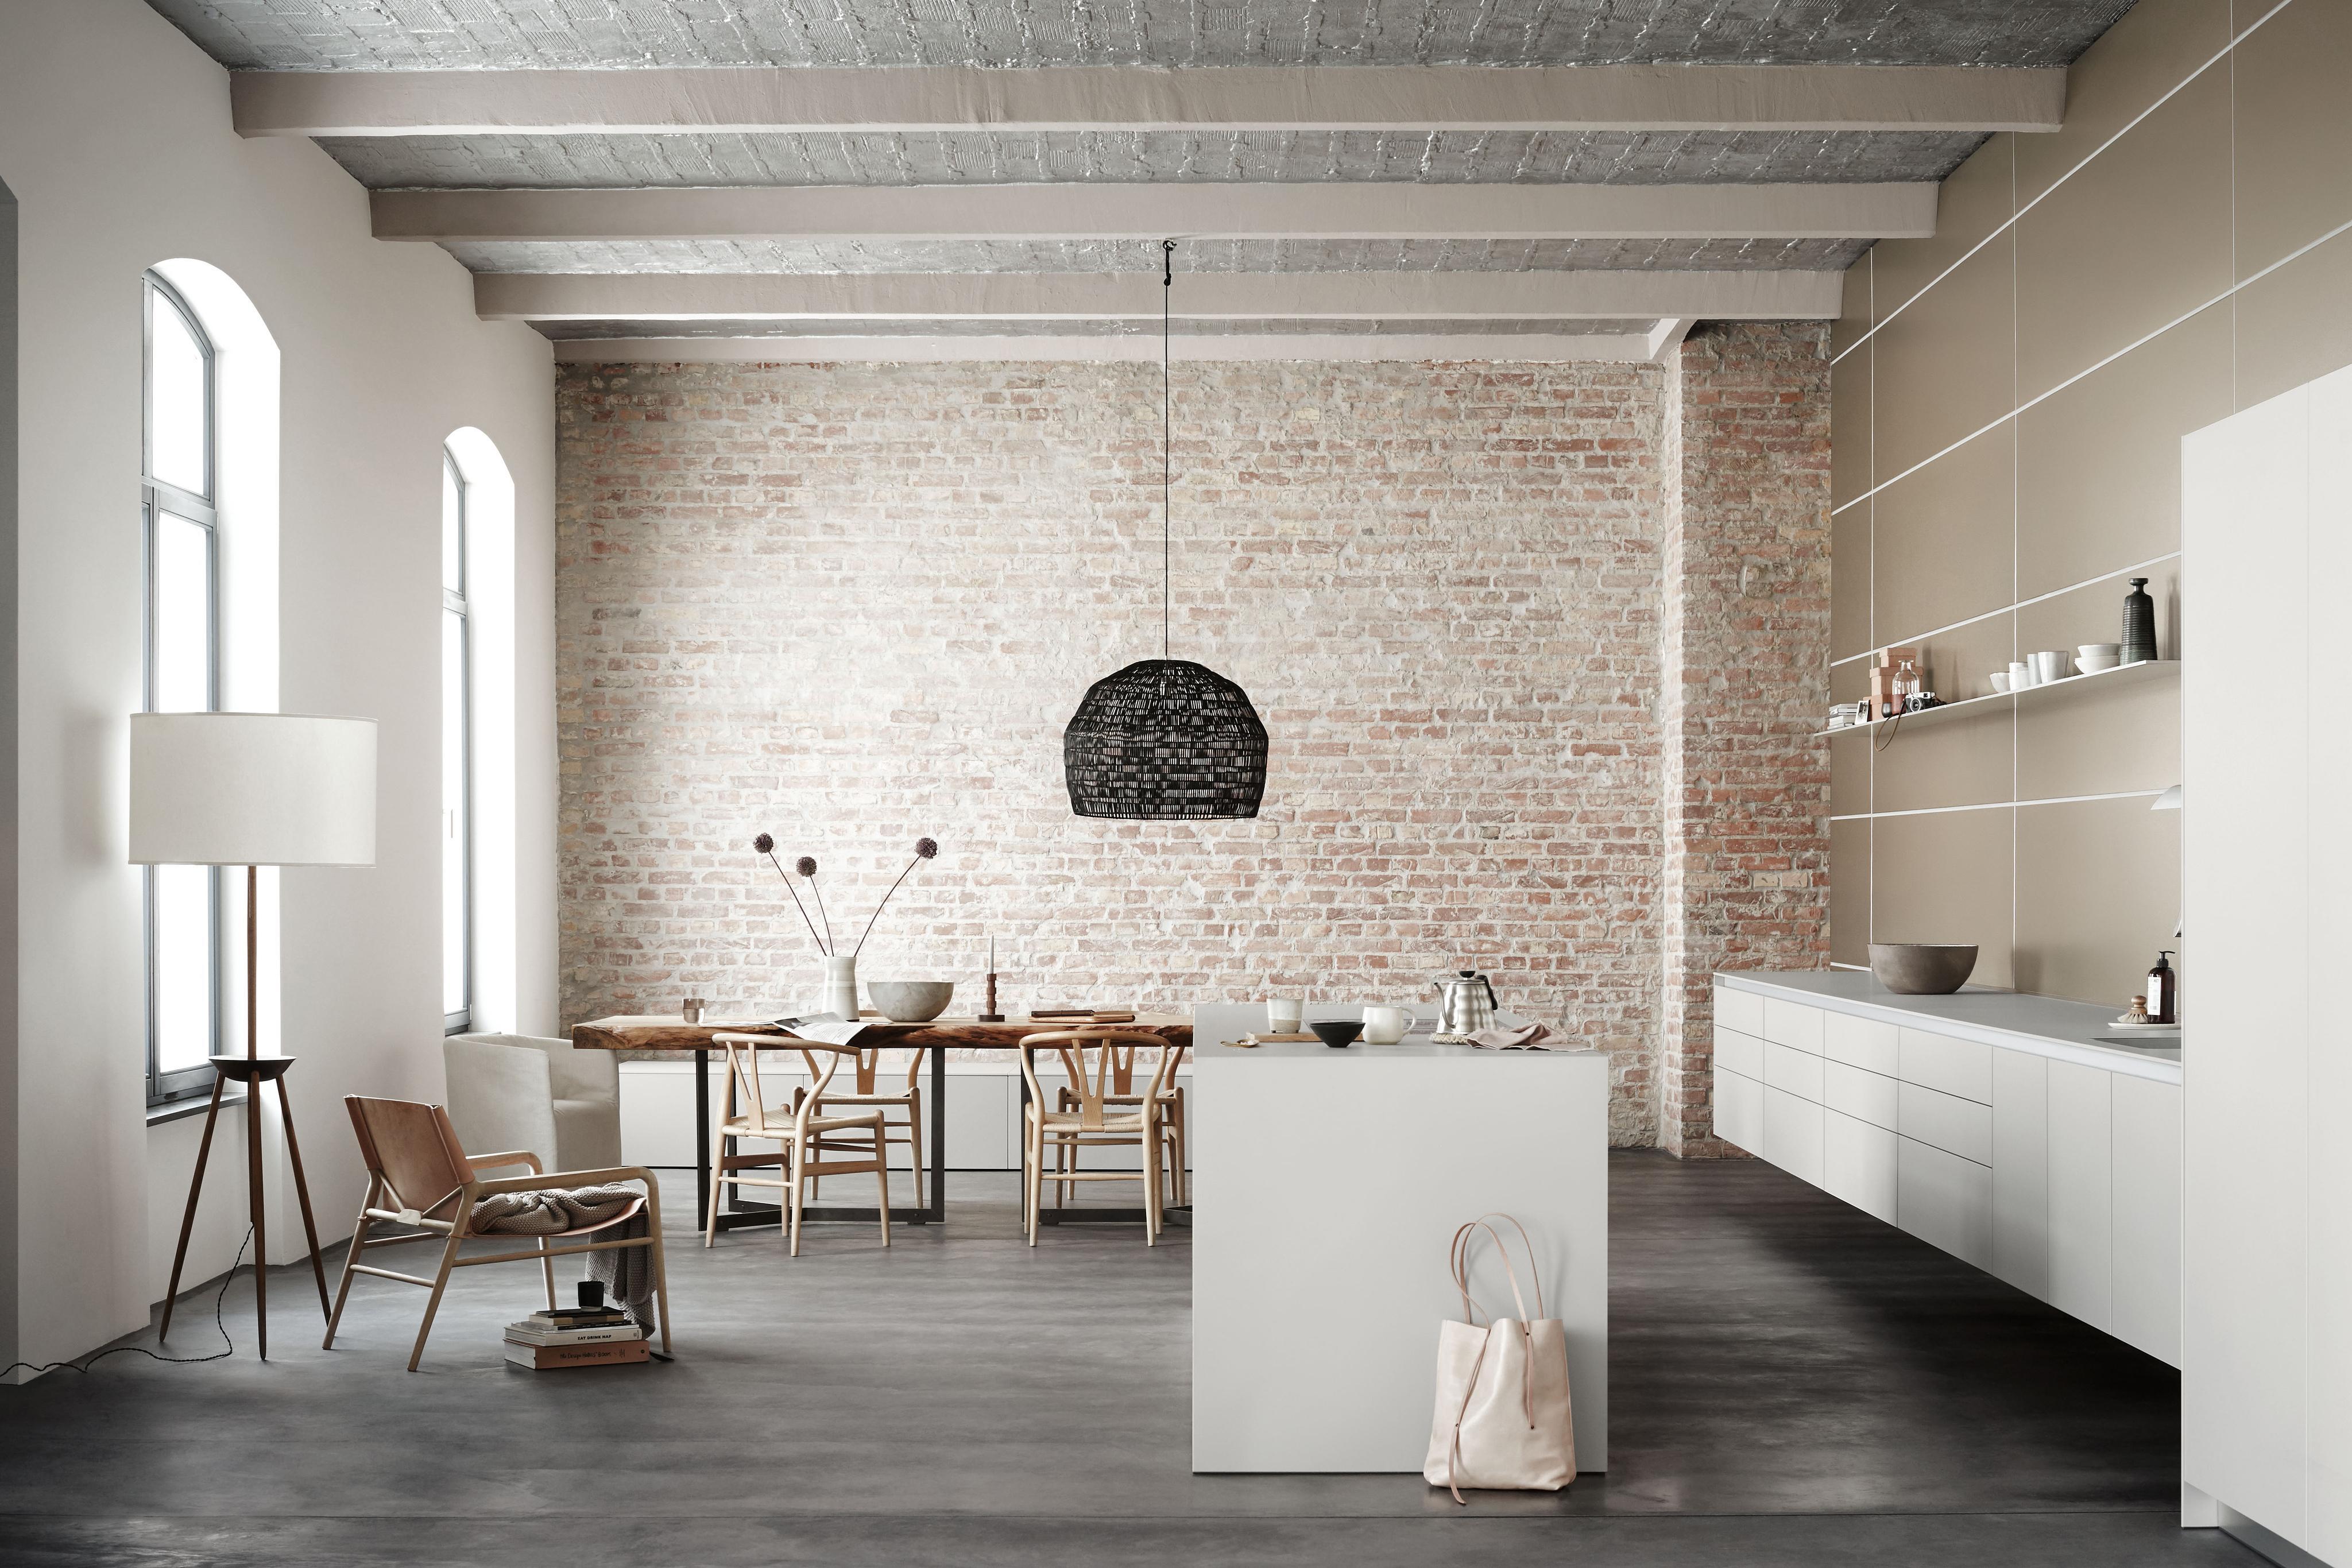 bulthaup #b3 #küche #esstisch #weißeküche #ziegelwan...